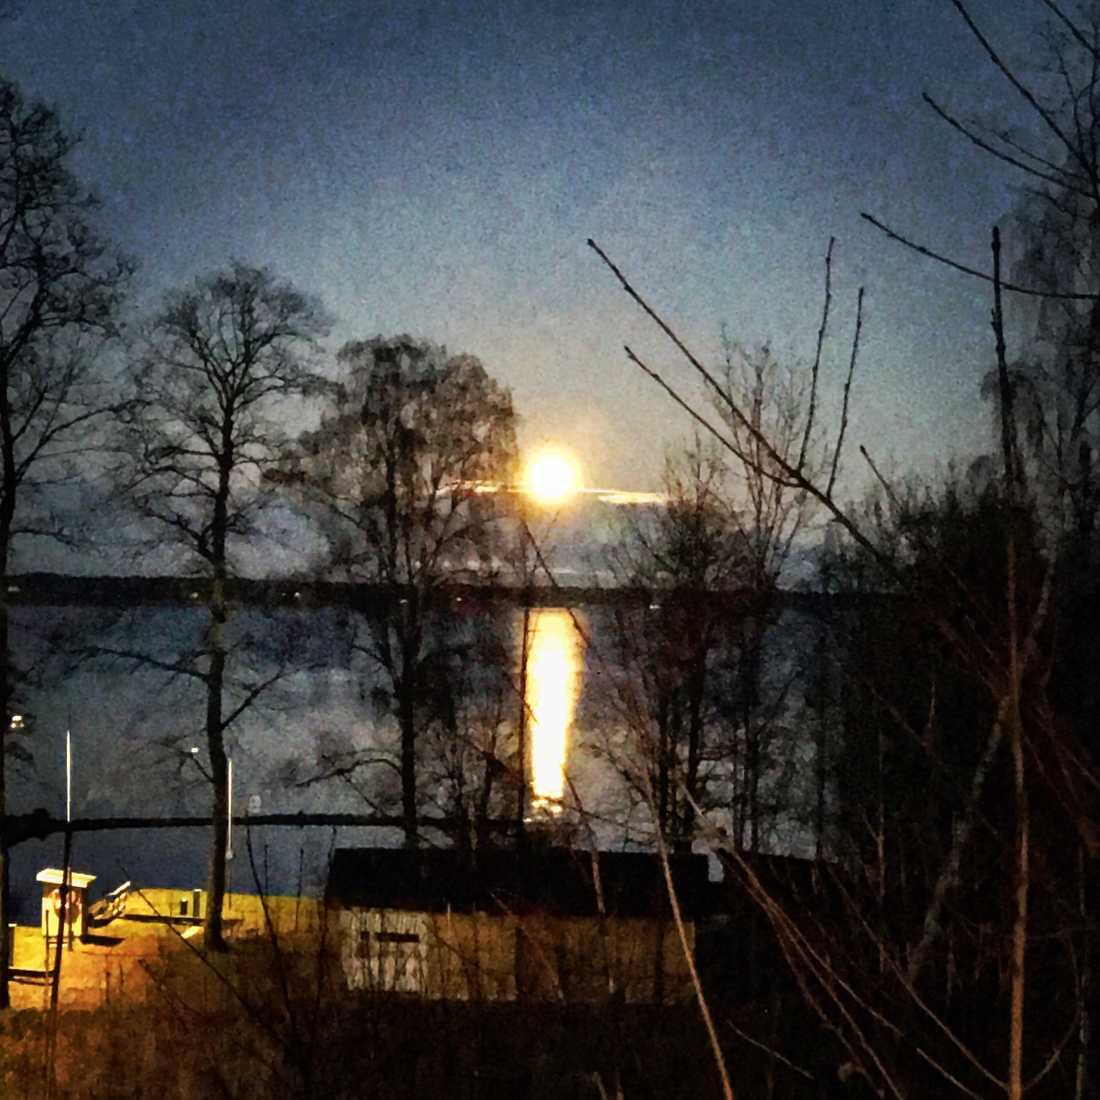 Månen, som den ser ut i Motala.